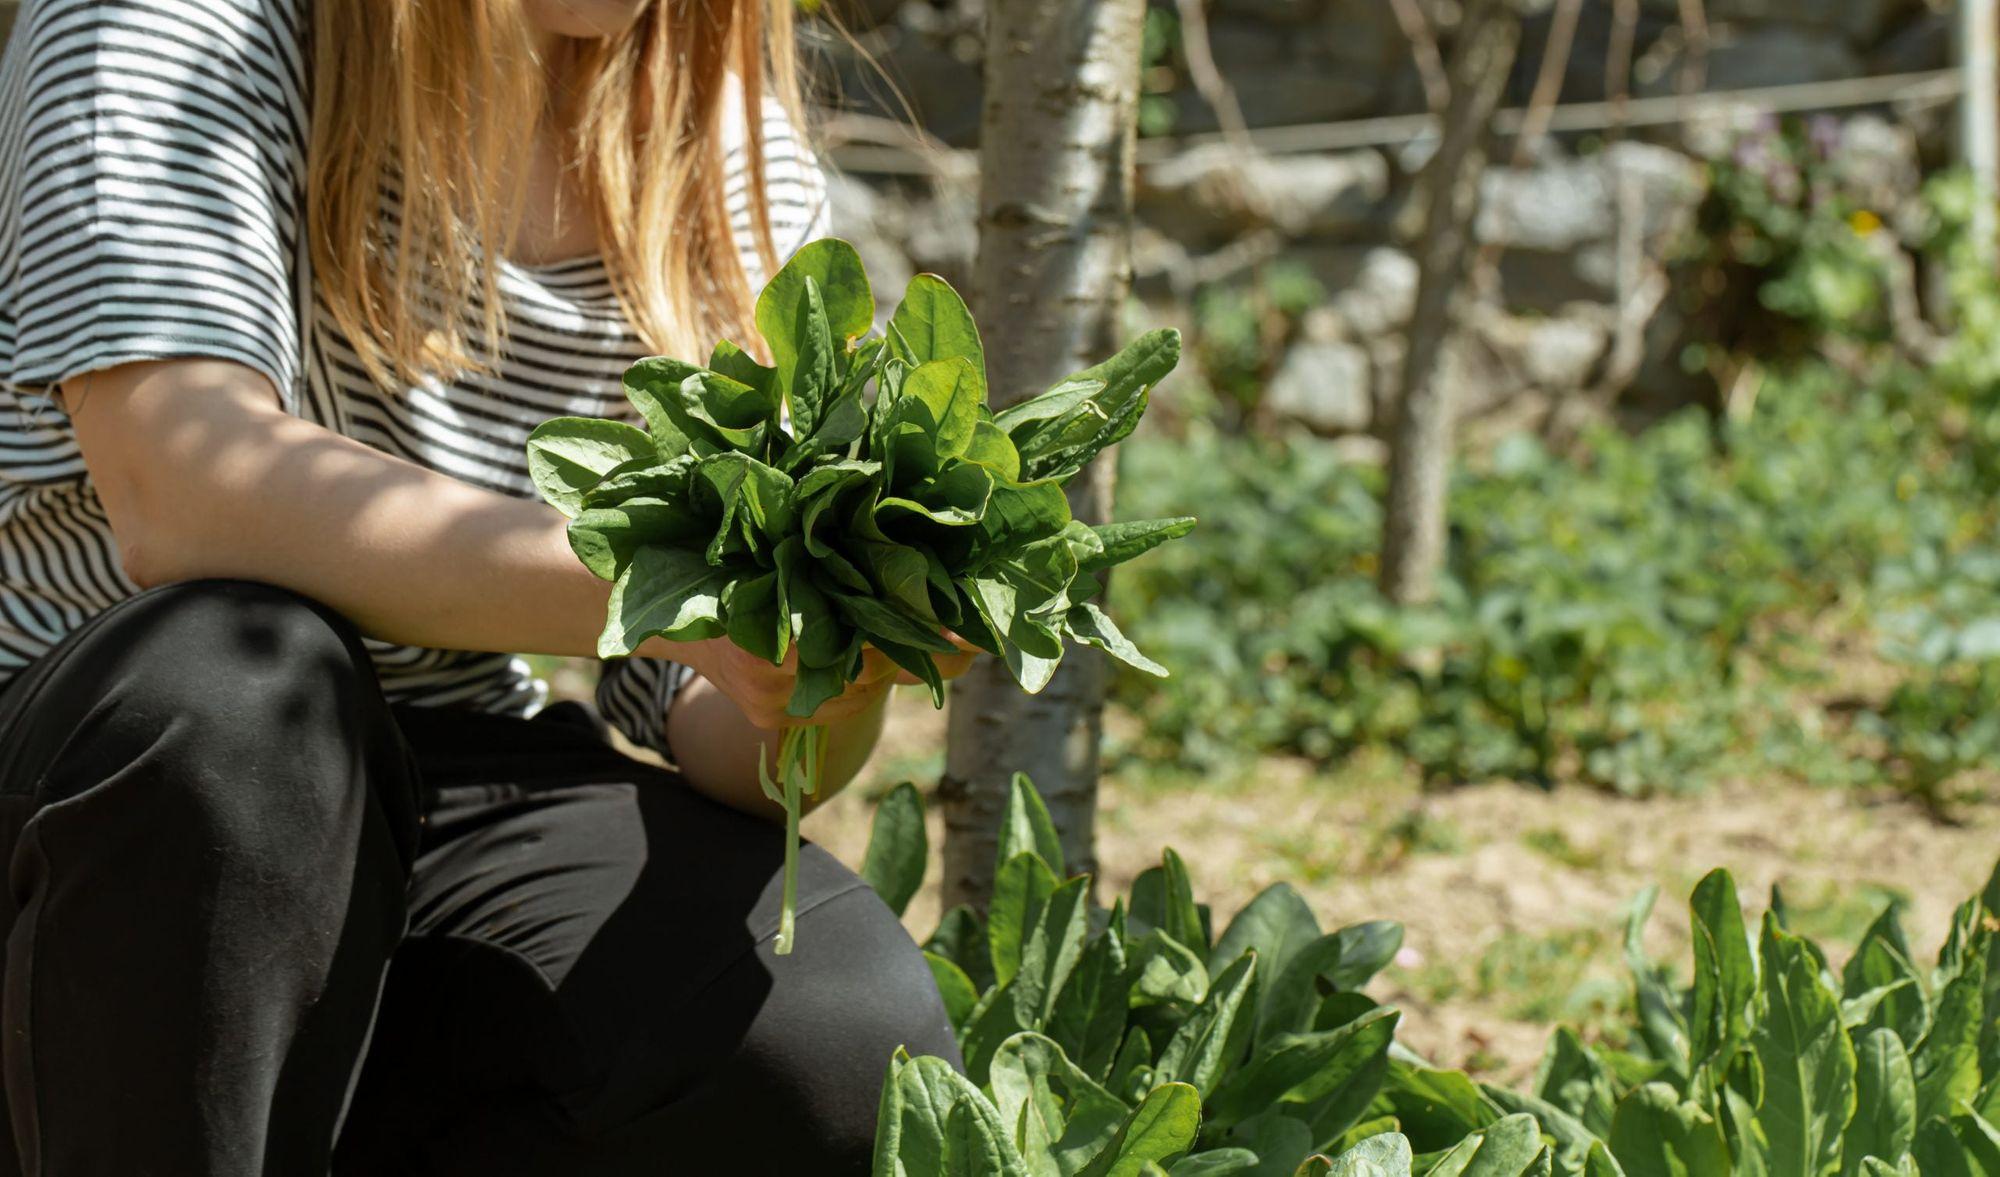 Tomillo,ajo,fresas y espinaca: entre los alimentos que puede cultivar fácilmente en casa